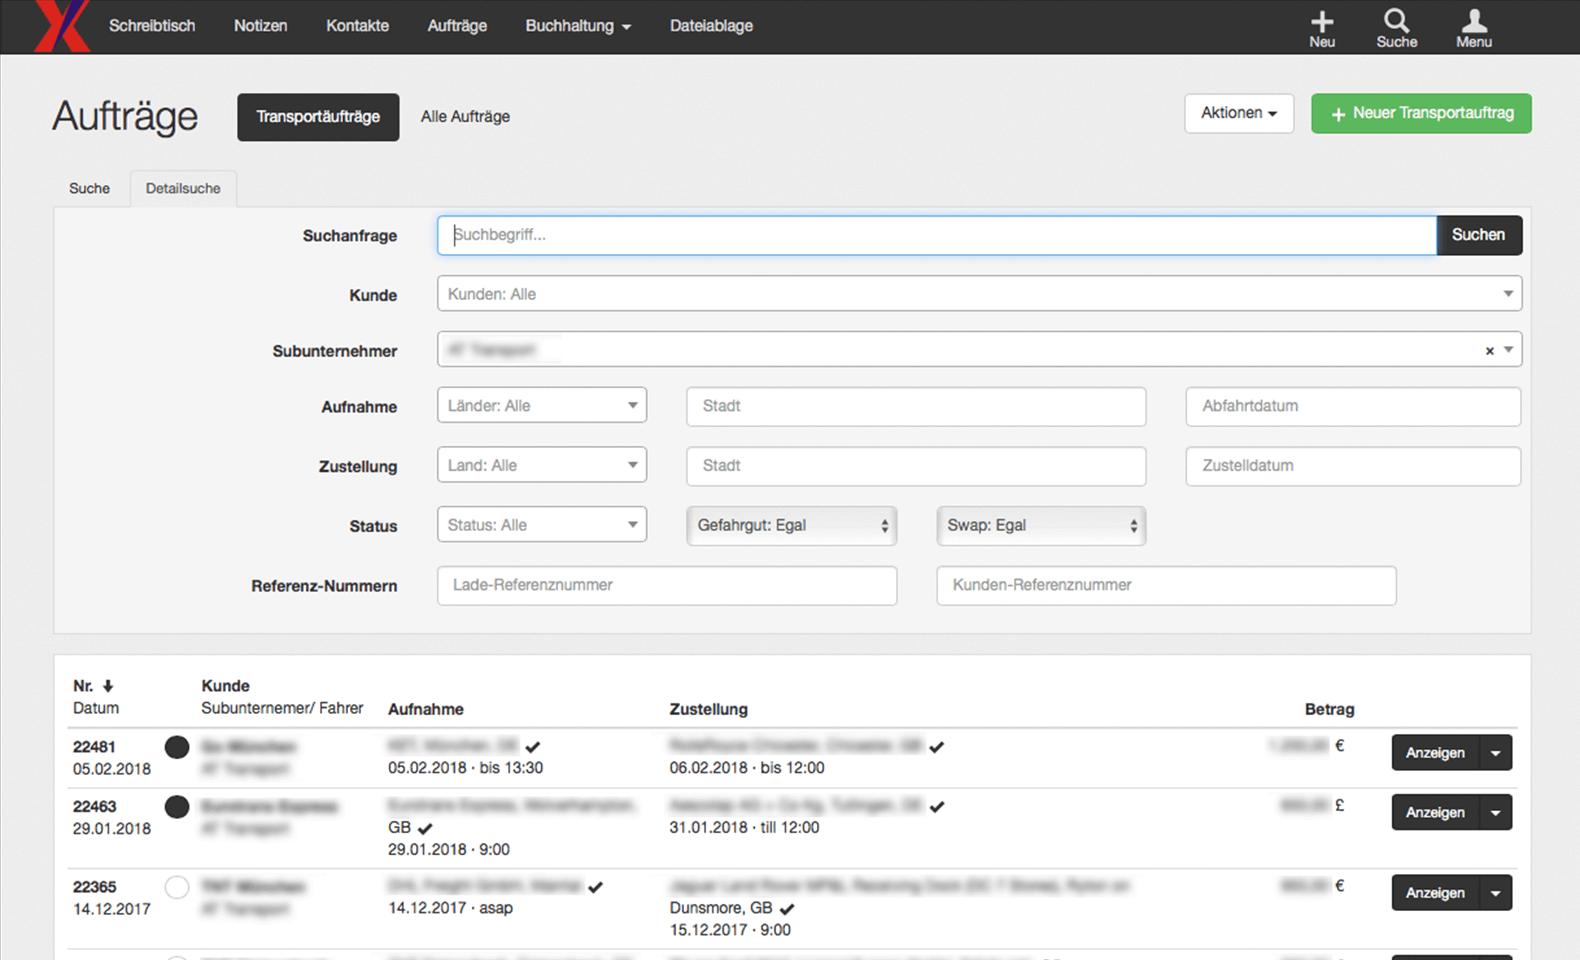 Xpress24 - Auftragsverwaltung - Erweiterte Suche nach Aufträgen